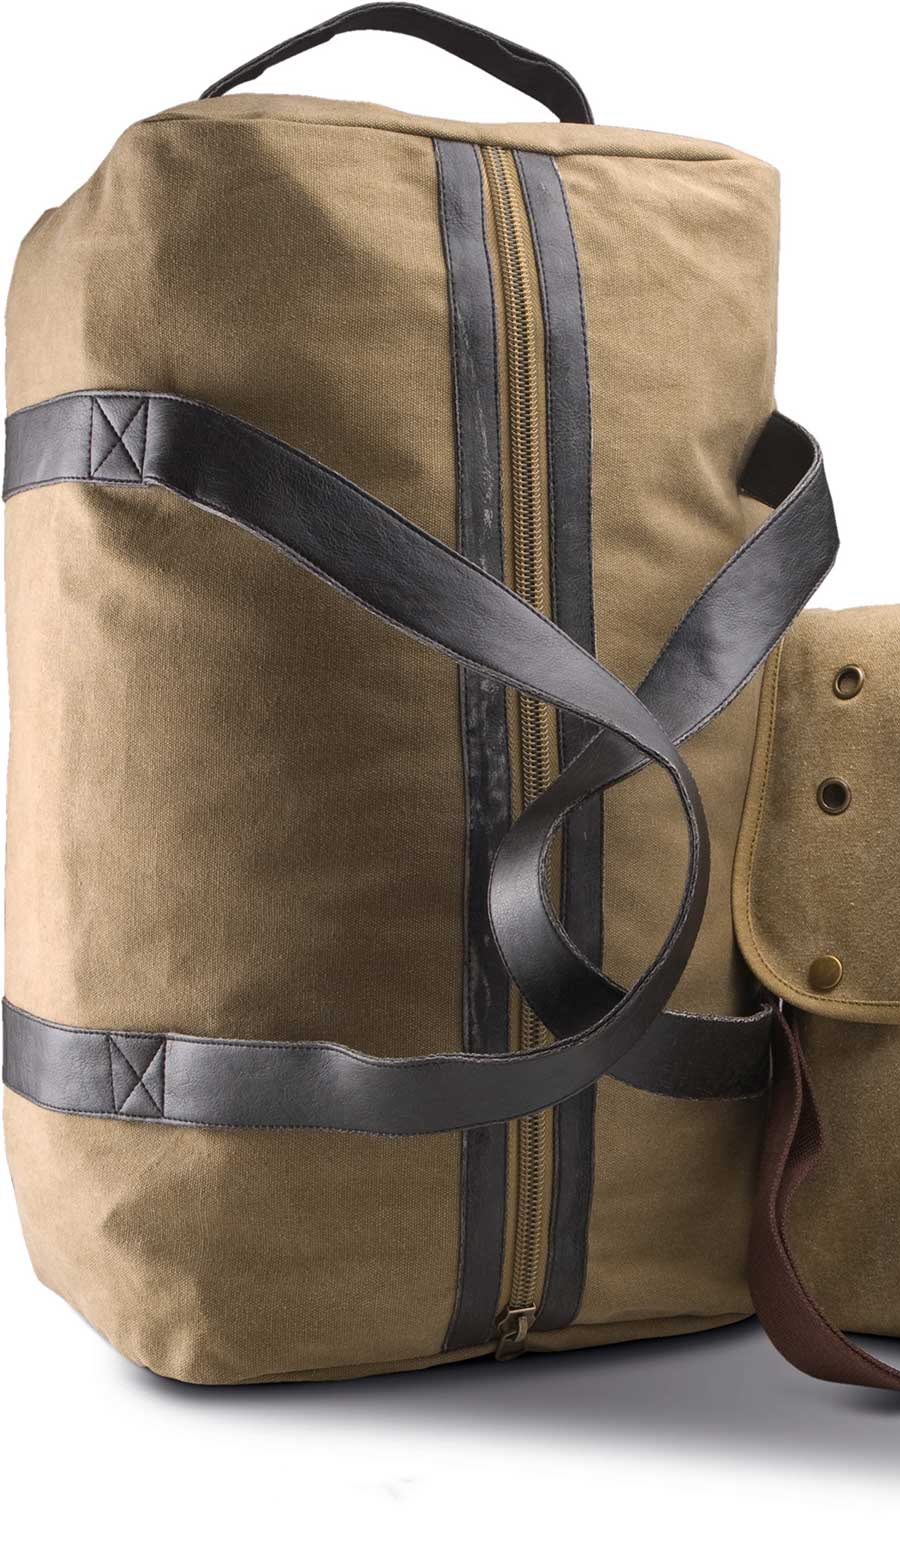 KI0603 Travel Bag